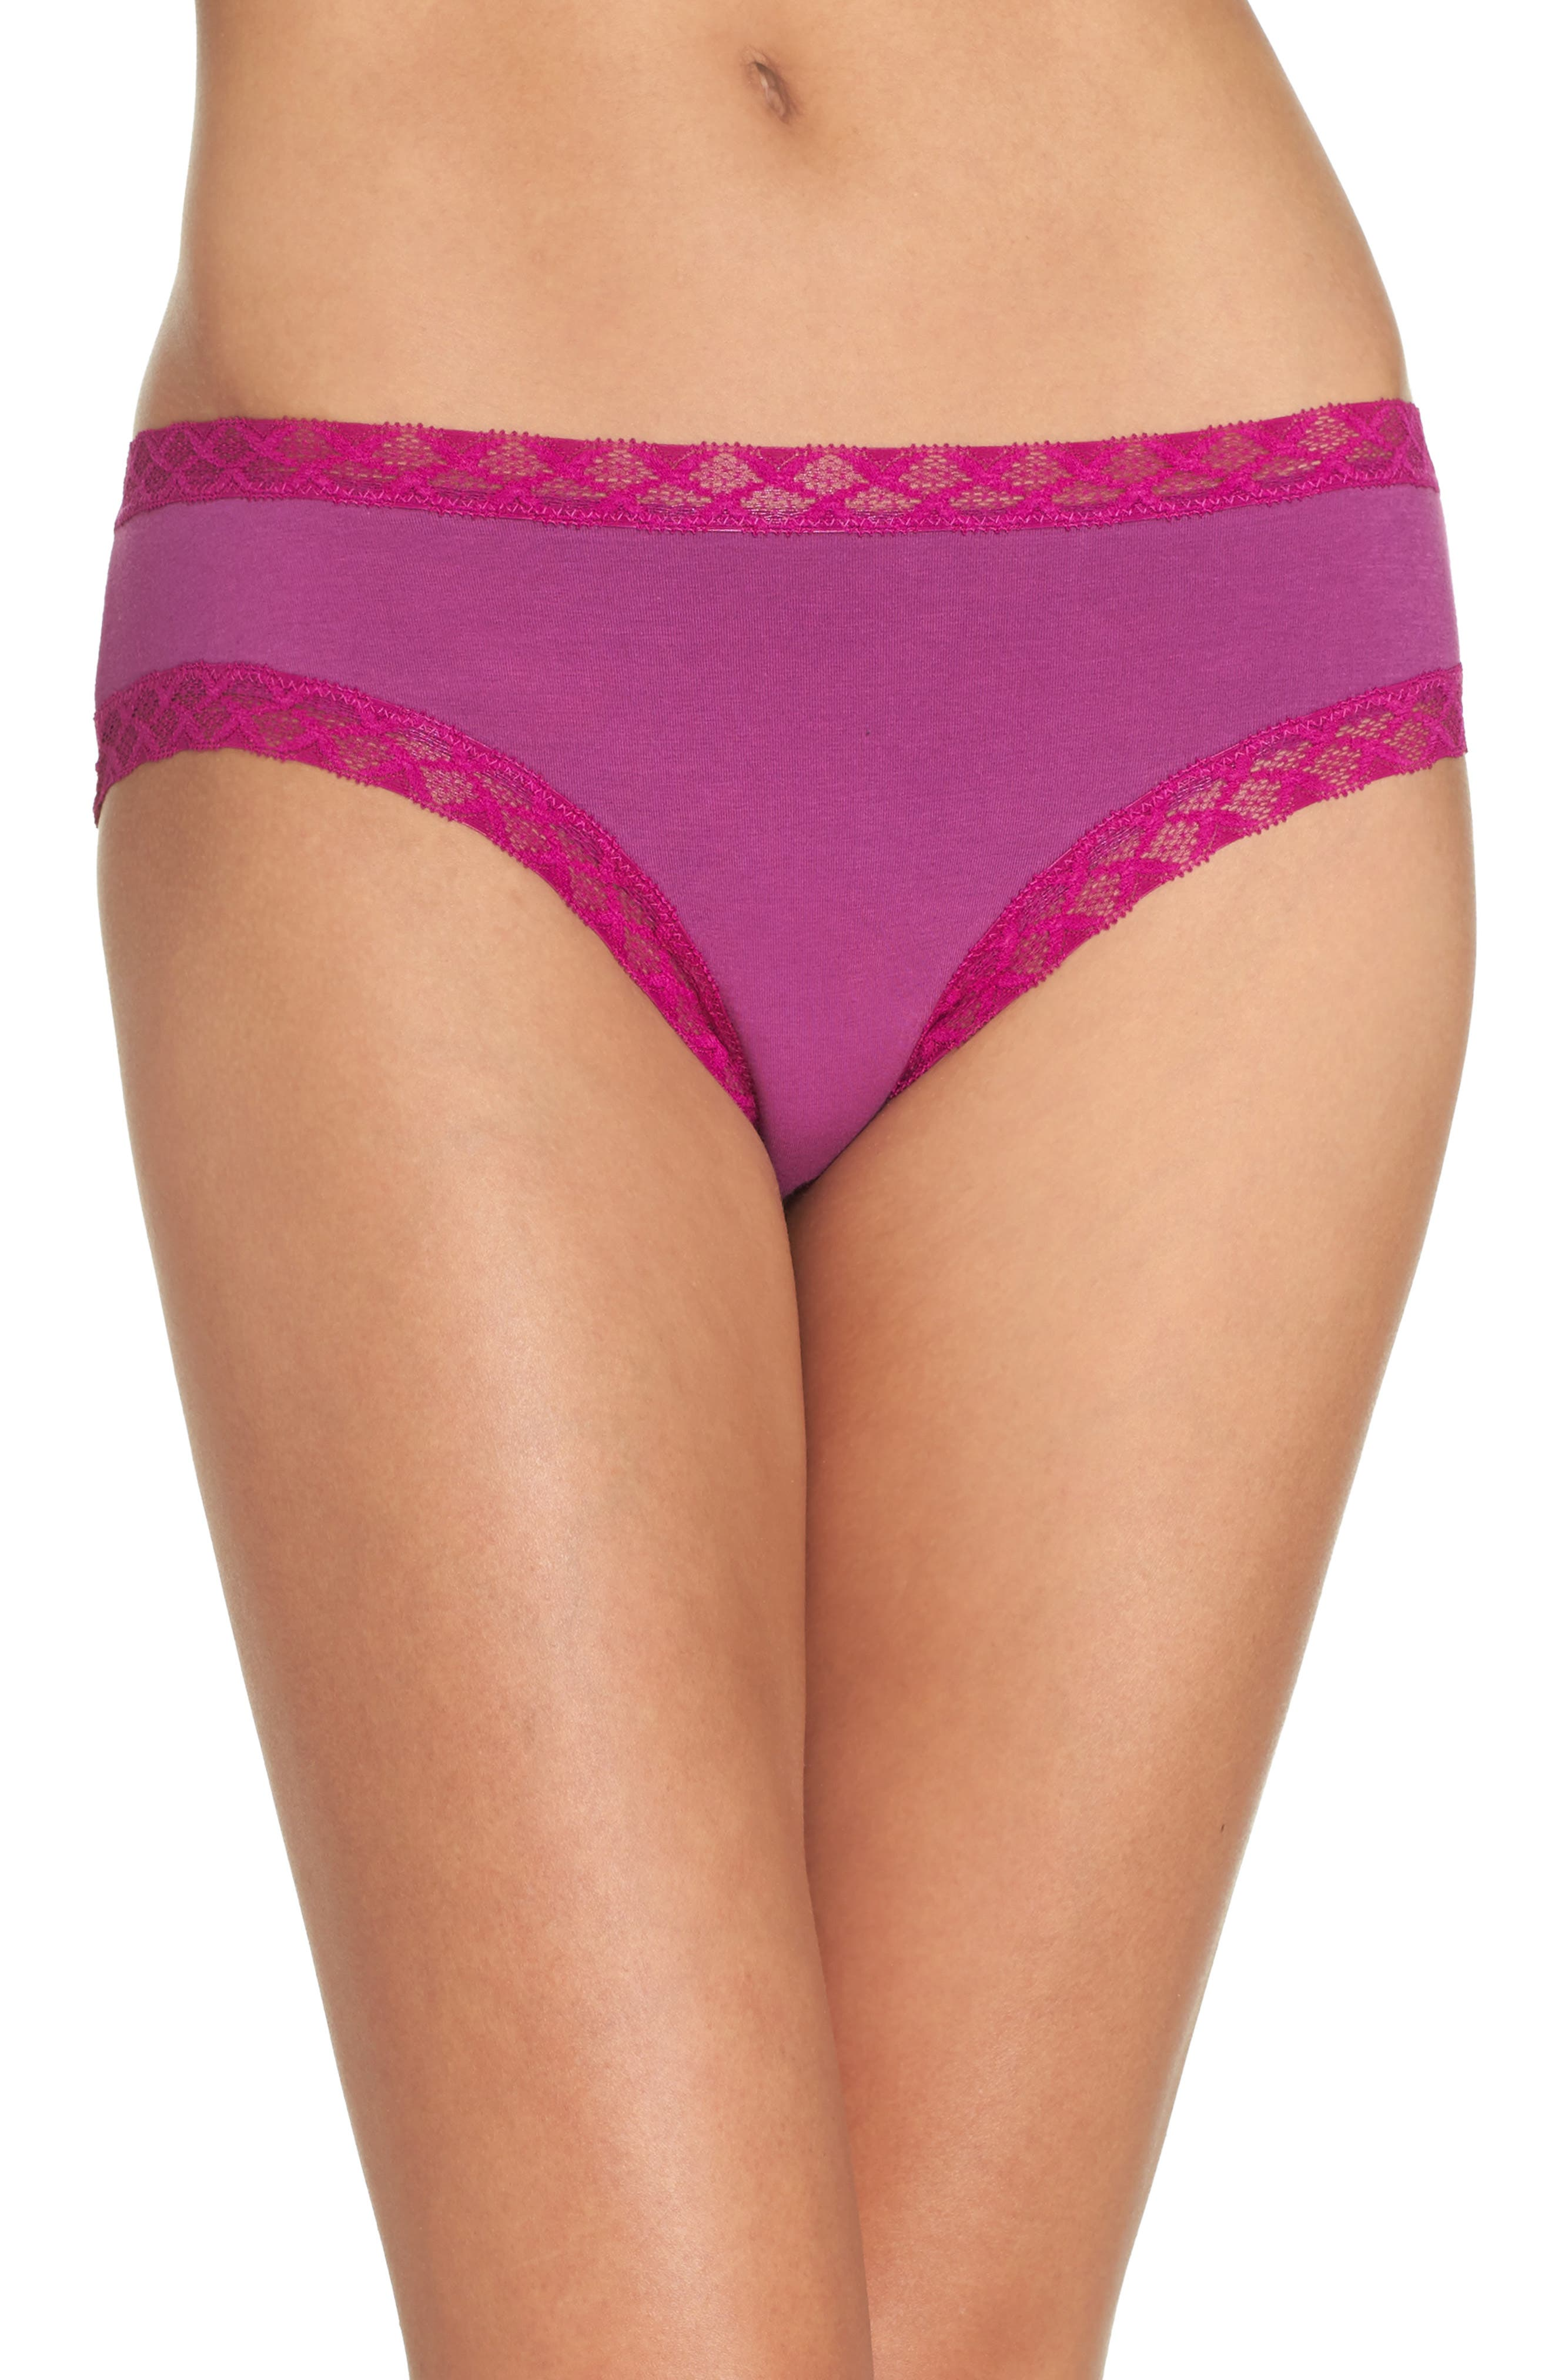 Womens Brief Panties